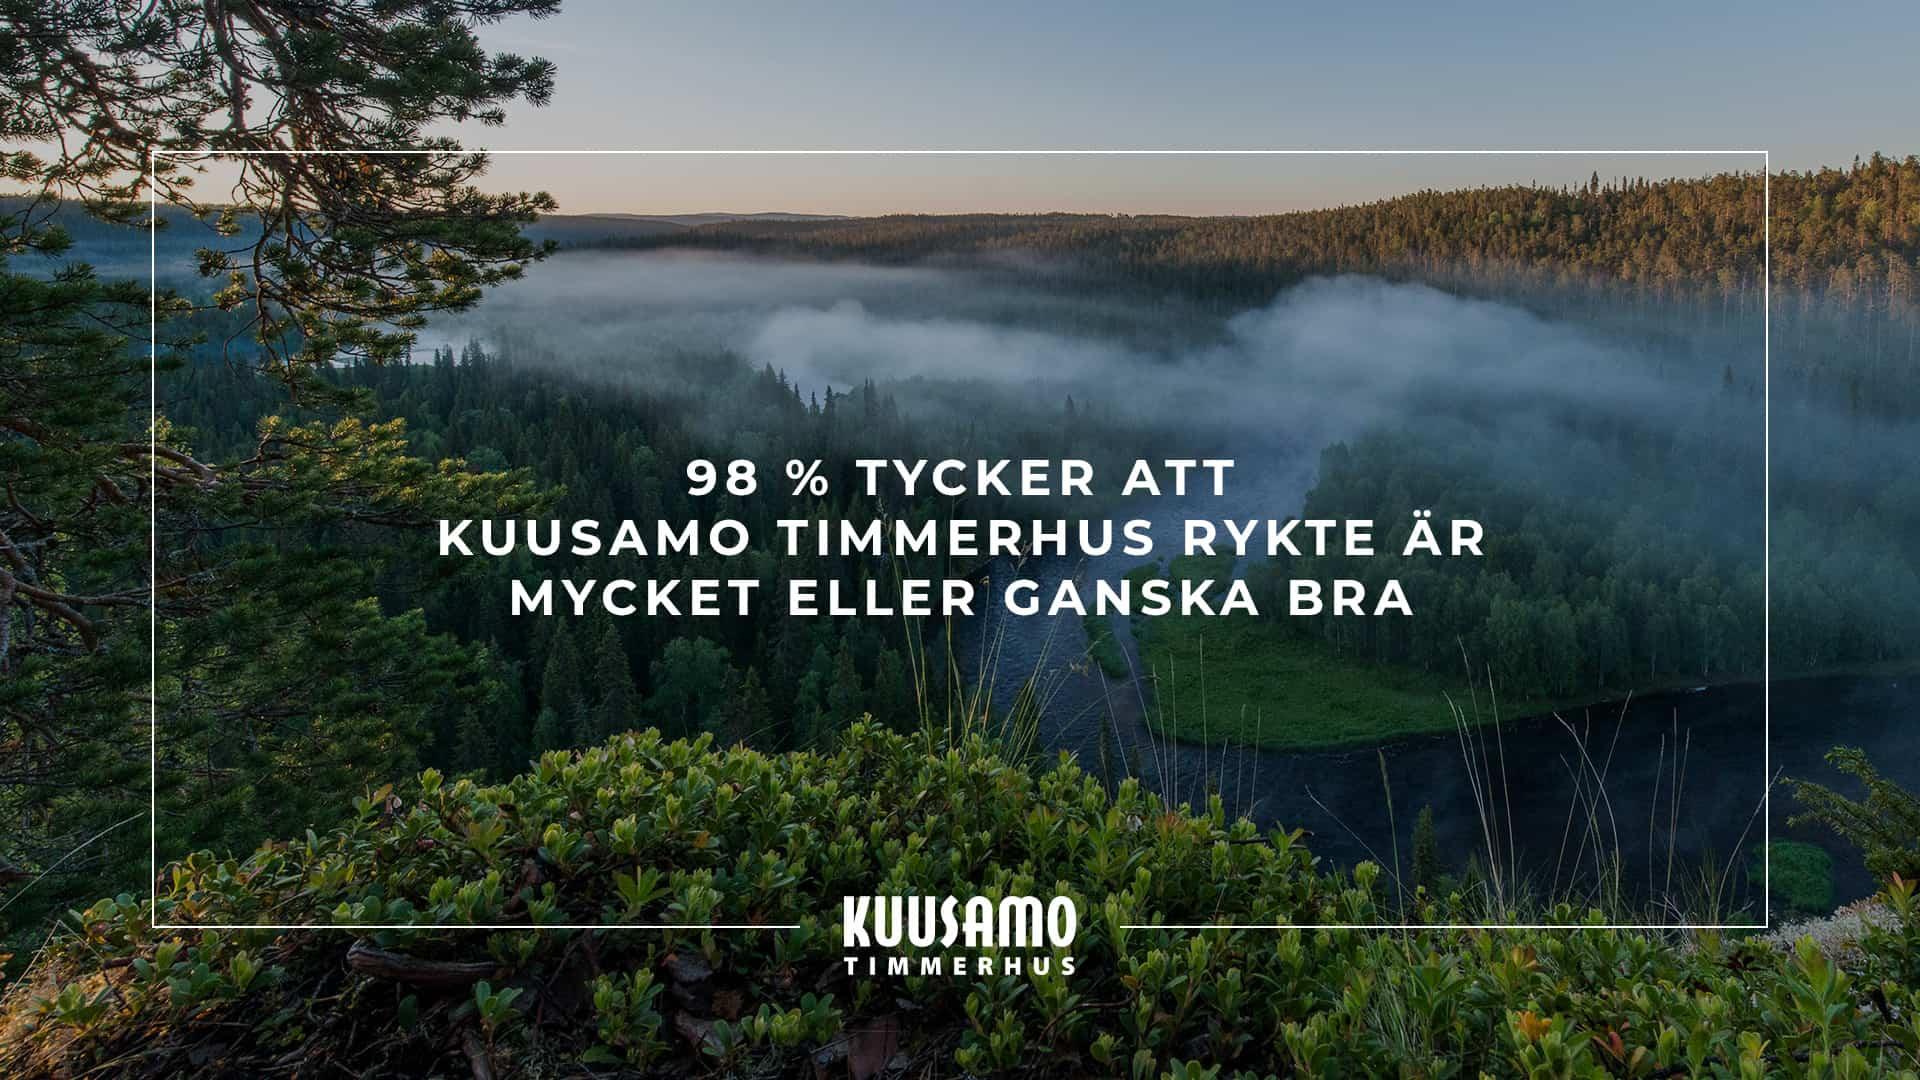 98% tycker att Kuusamo Timmerhus rykte är mycket eller ganska bra.